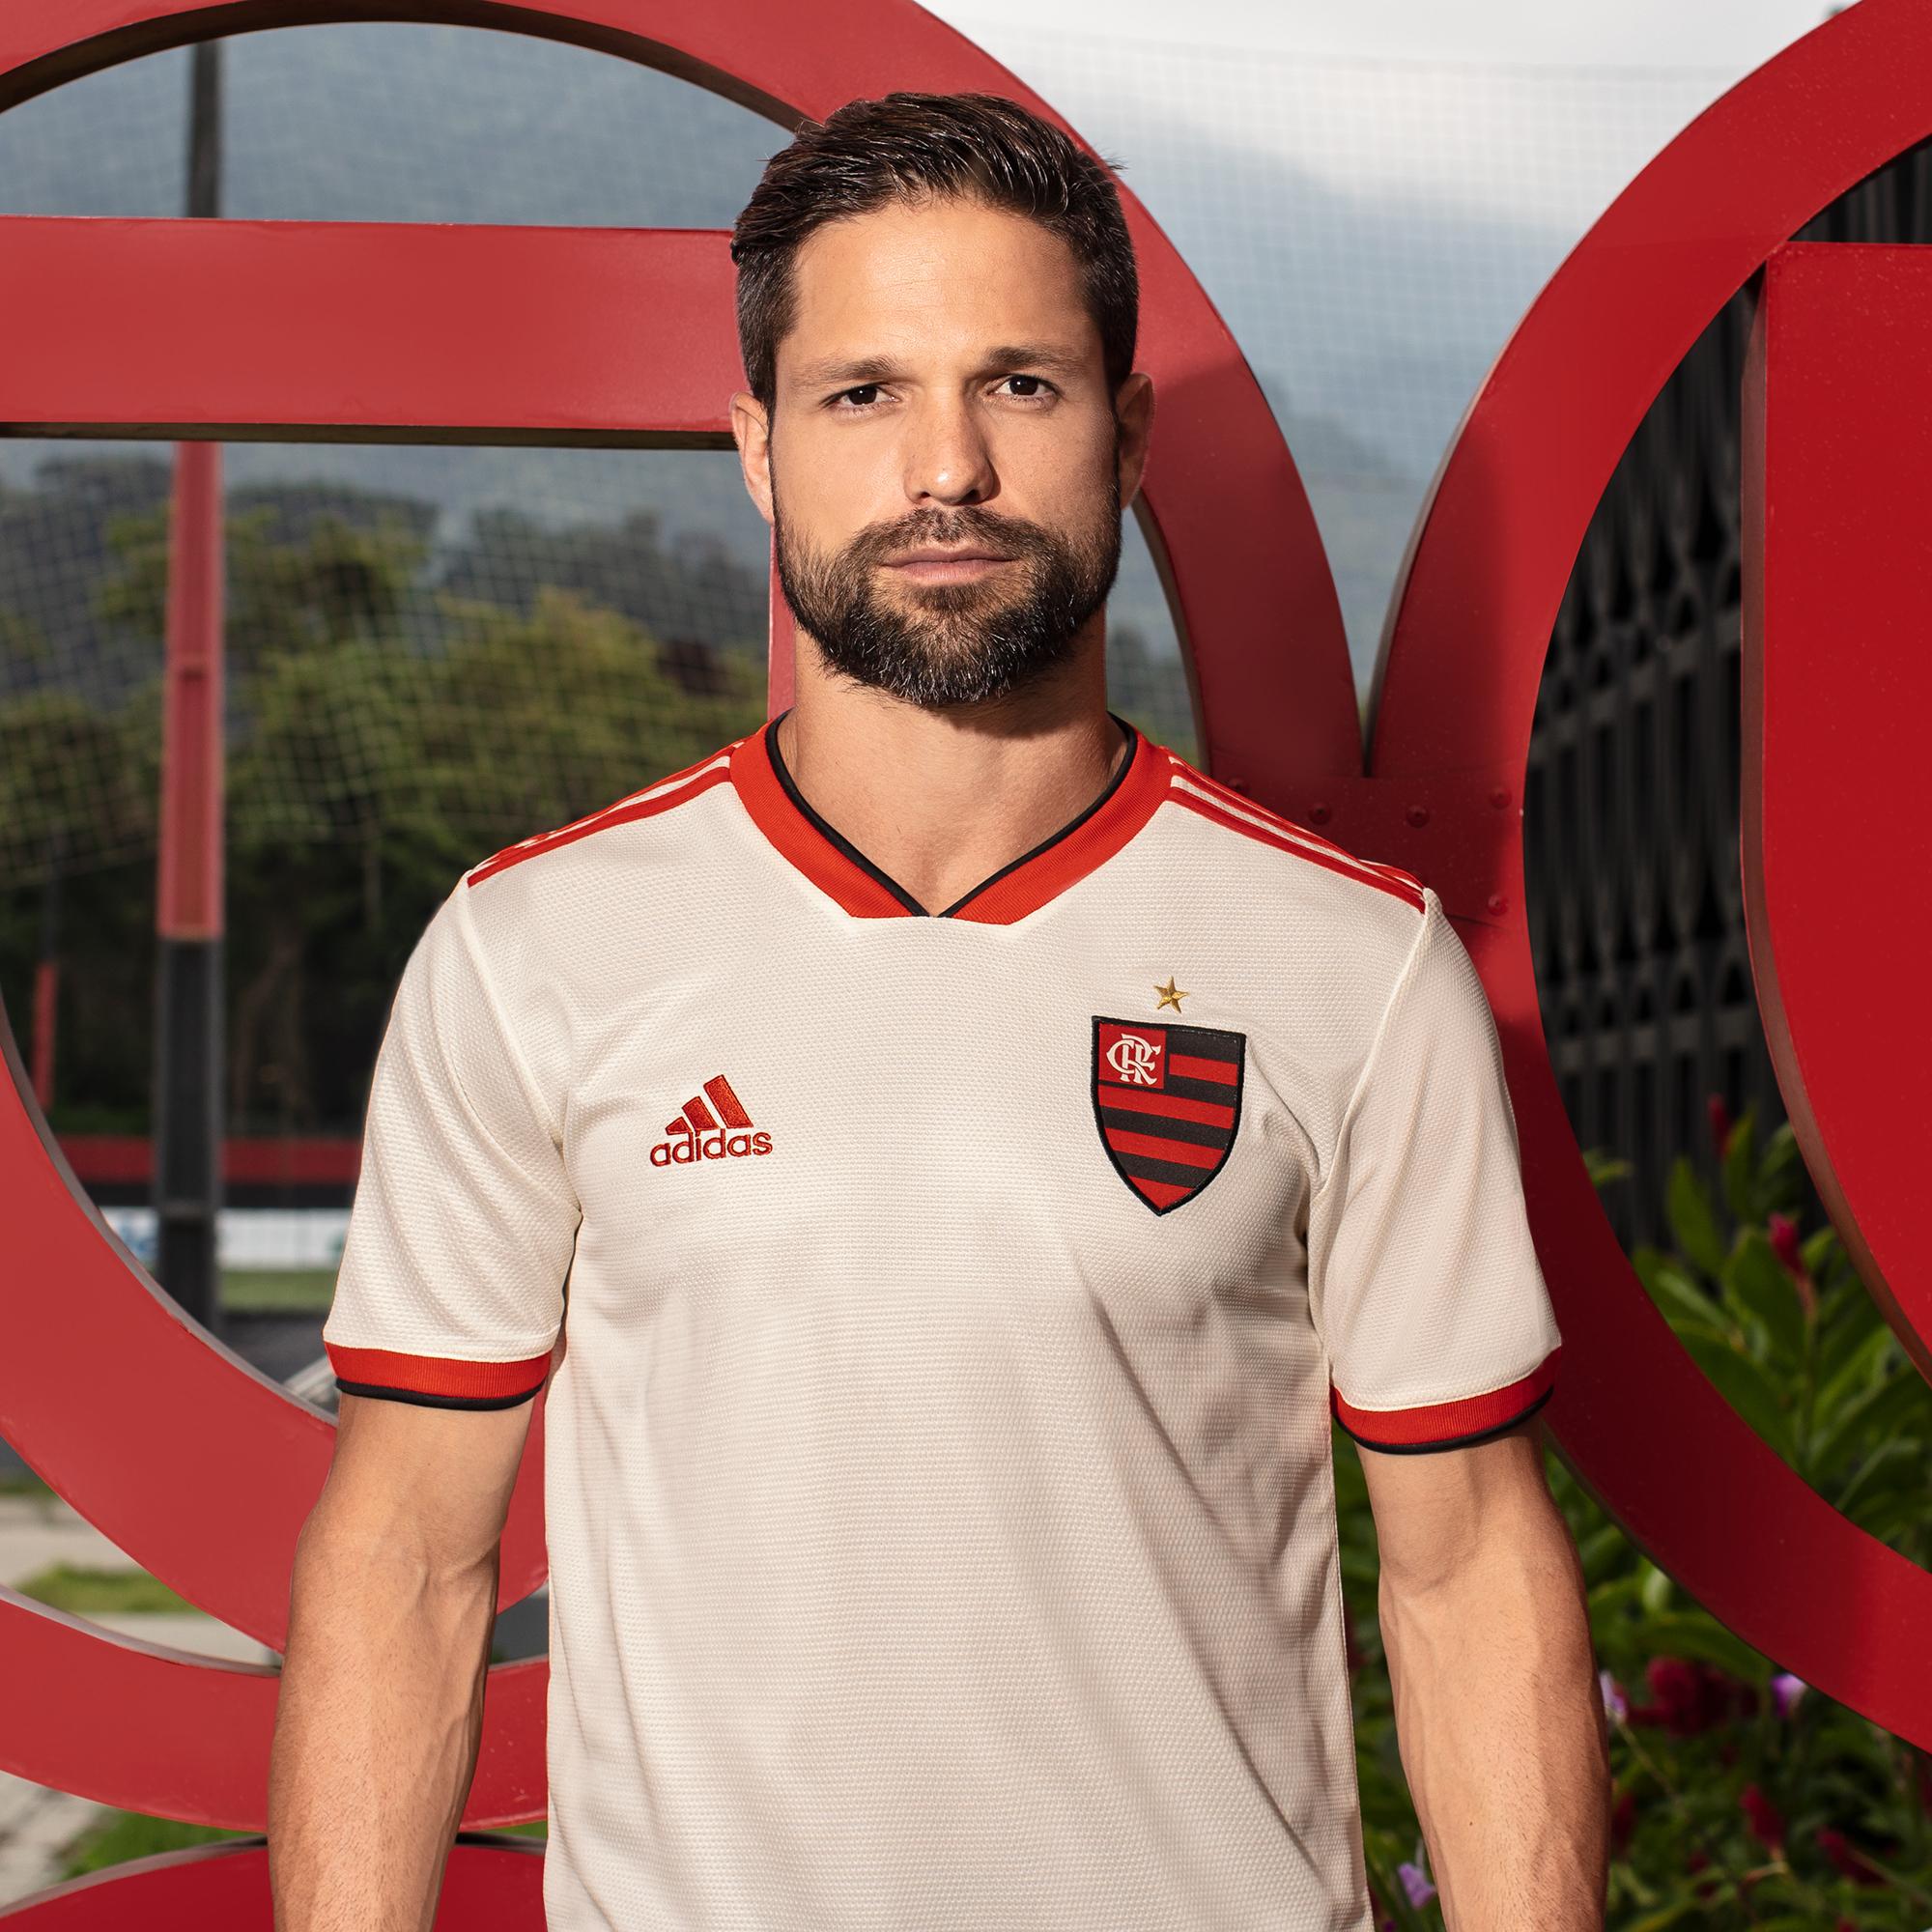 A nova camisa do Flamengo estará à venda a partir desta sexta pelo site www. adidas.com.br flamengo f07fc79deec32